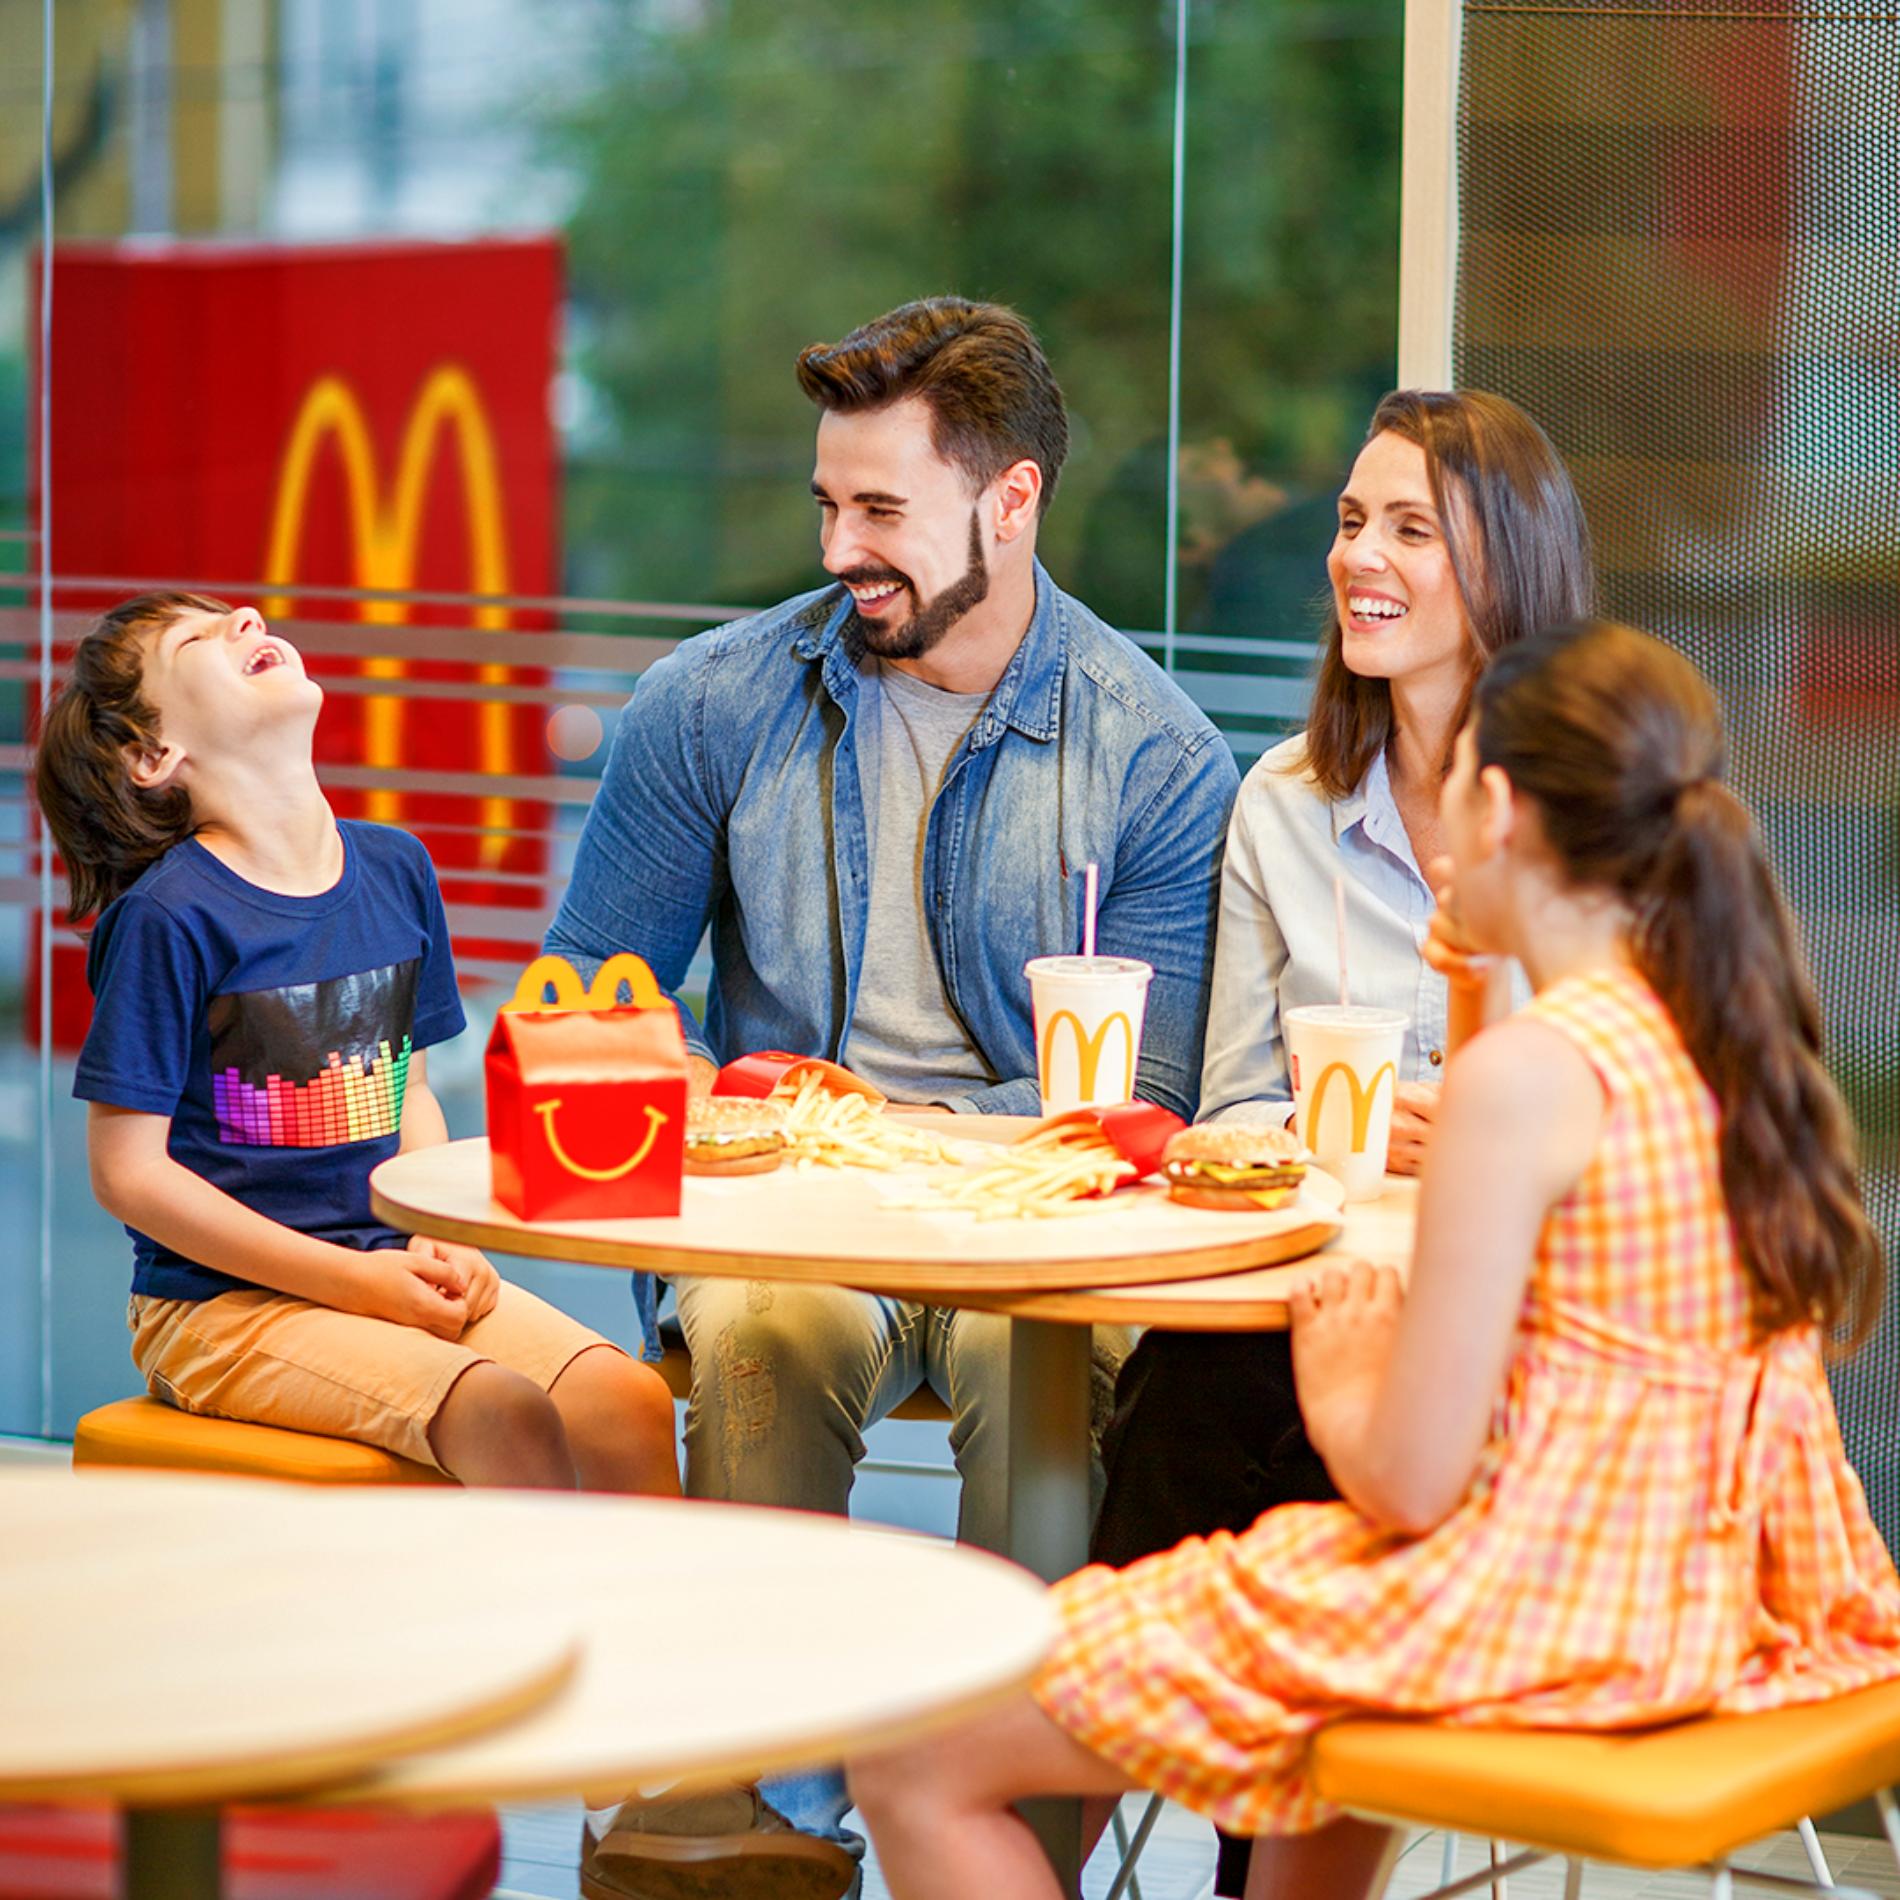 Según un estudio científico: La Cajita Feliz de McDonald's tiene el mejor balance nutricional para niños, respecto a otras marcas de servicio rápido en Colombia con las que fue comparada